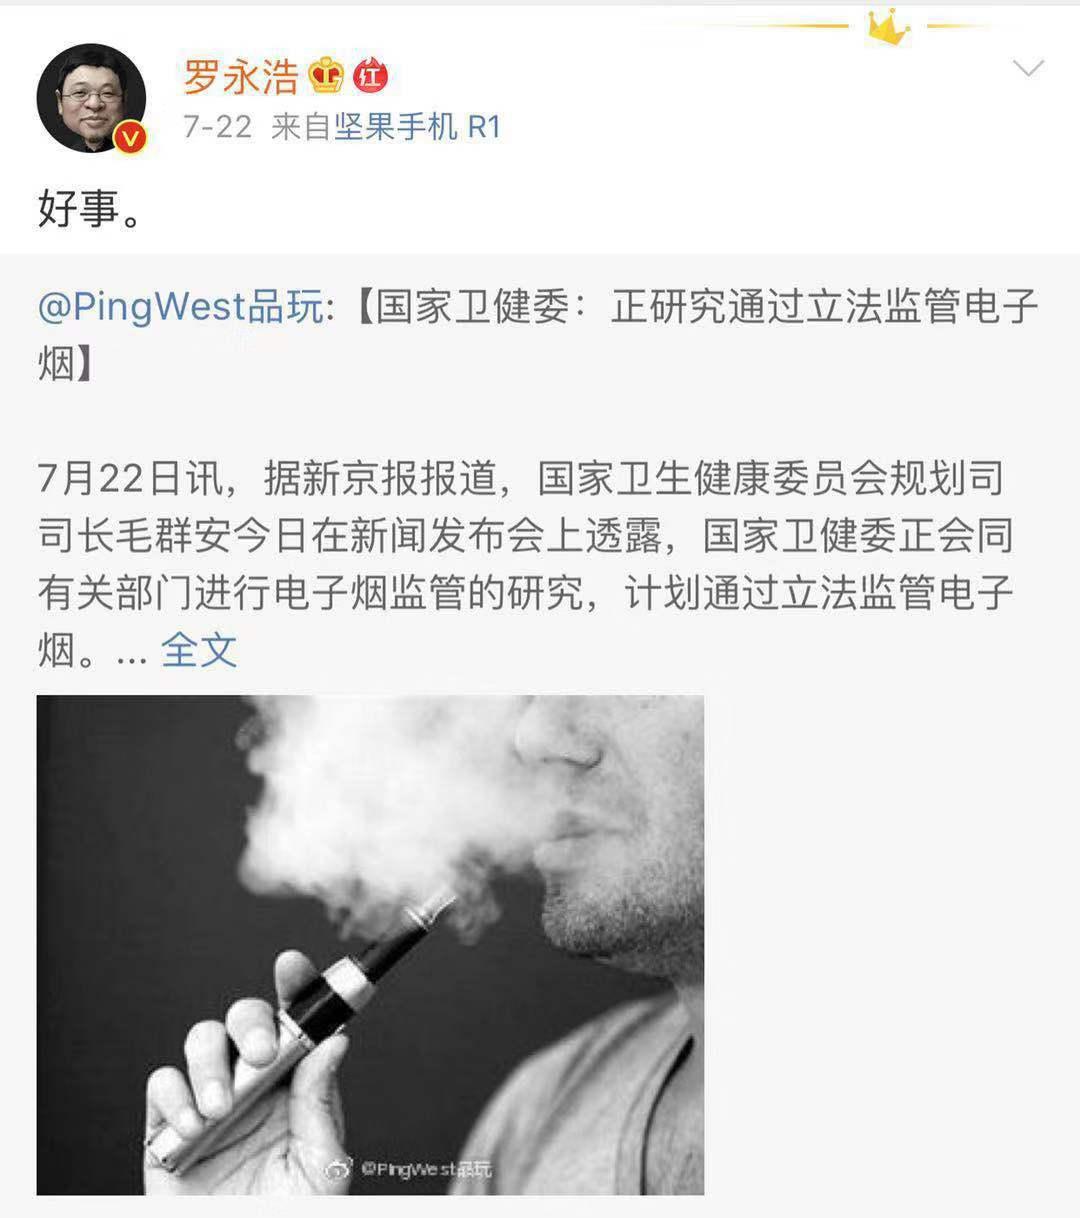 国家卫健委拟立法监管电子烟成热点话题 国外是如何做的?